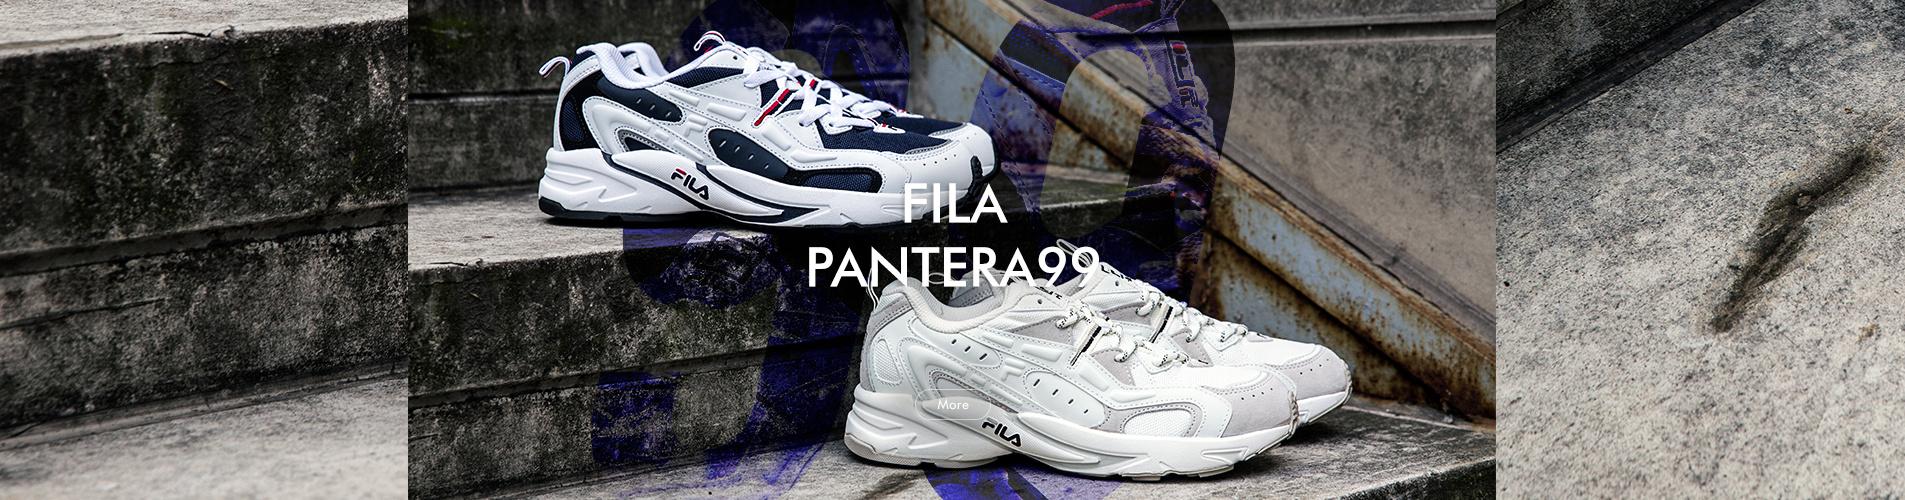 FILA PANTERA 99